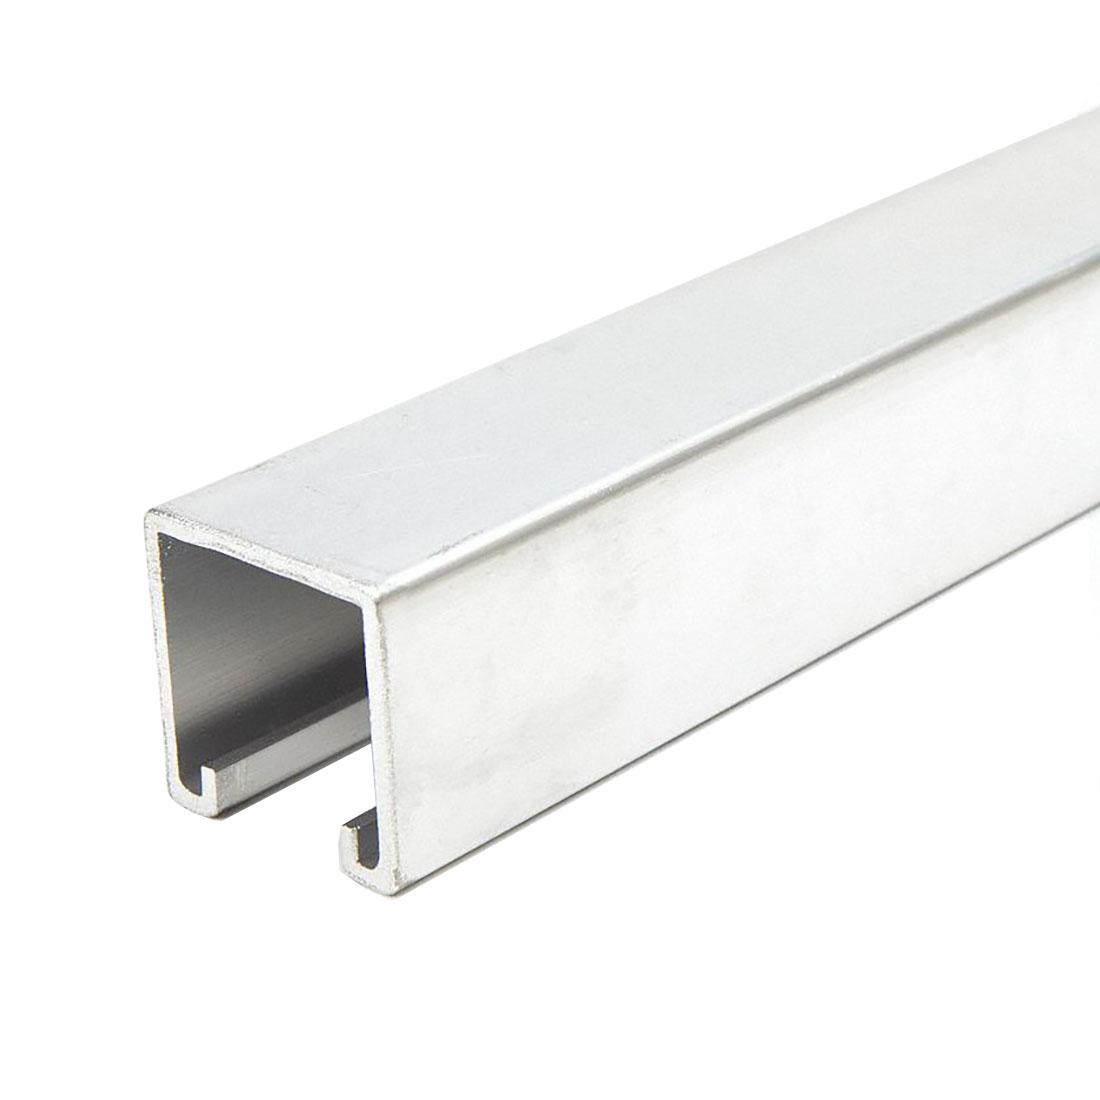 Aluminum Unistrut